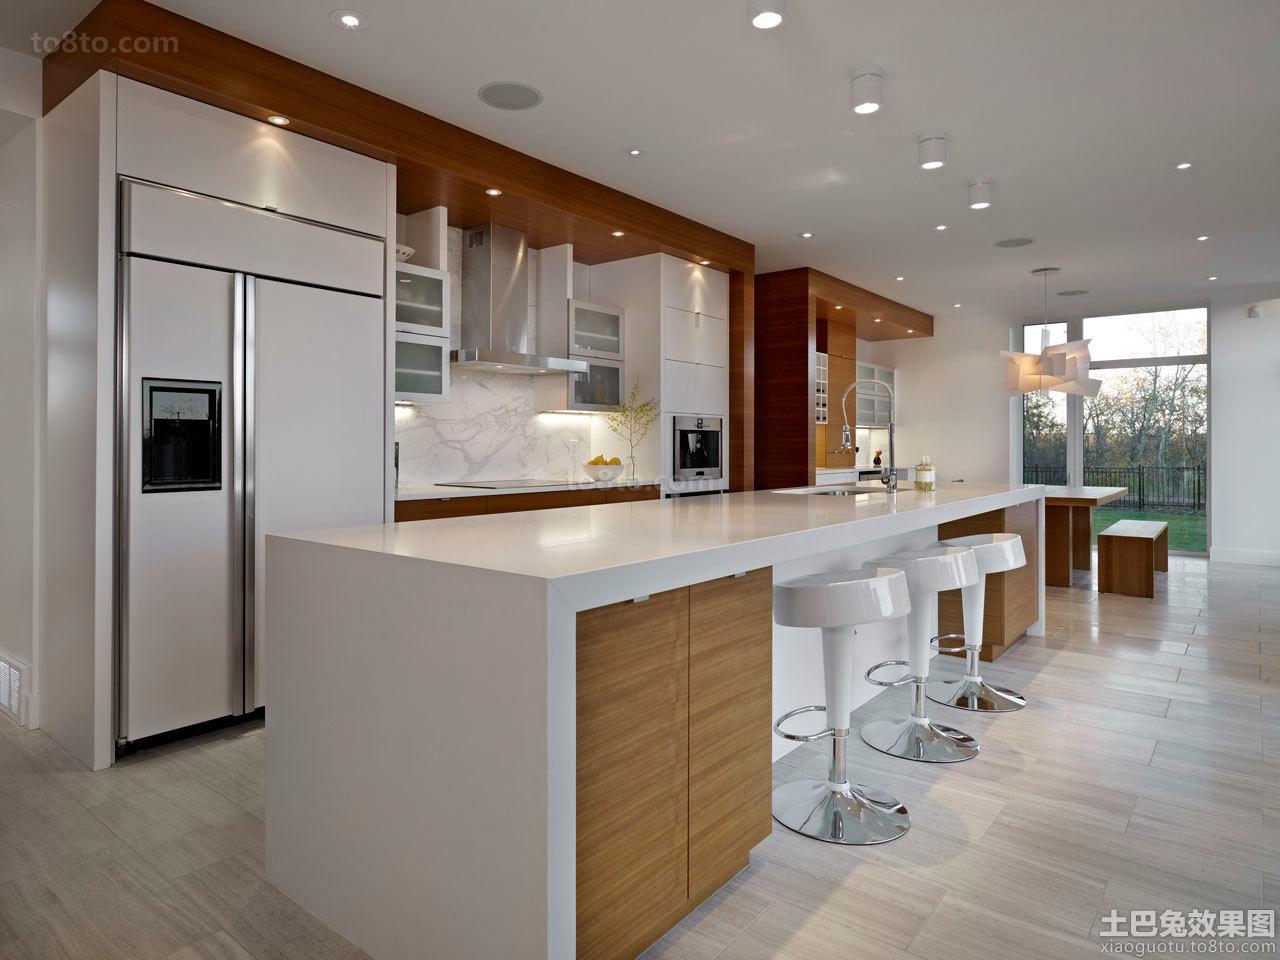 简约风格家庭厨房设计效果图